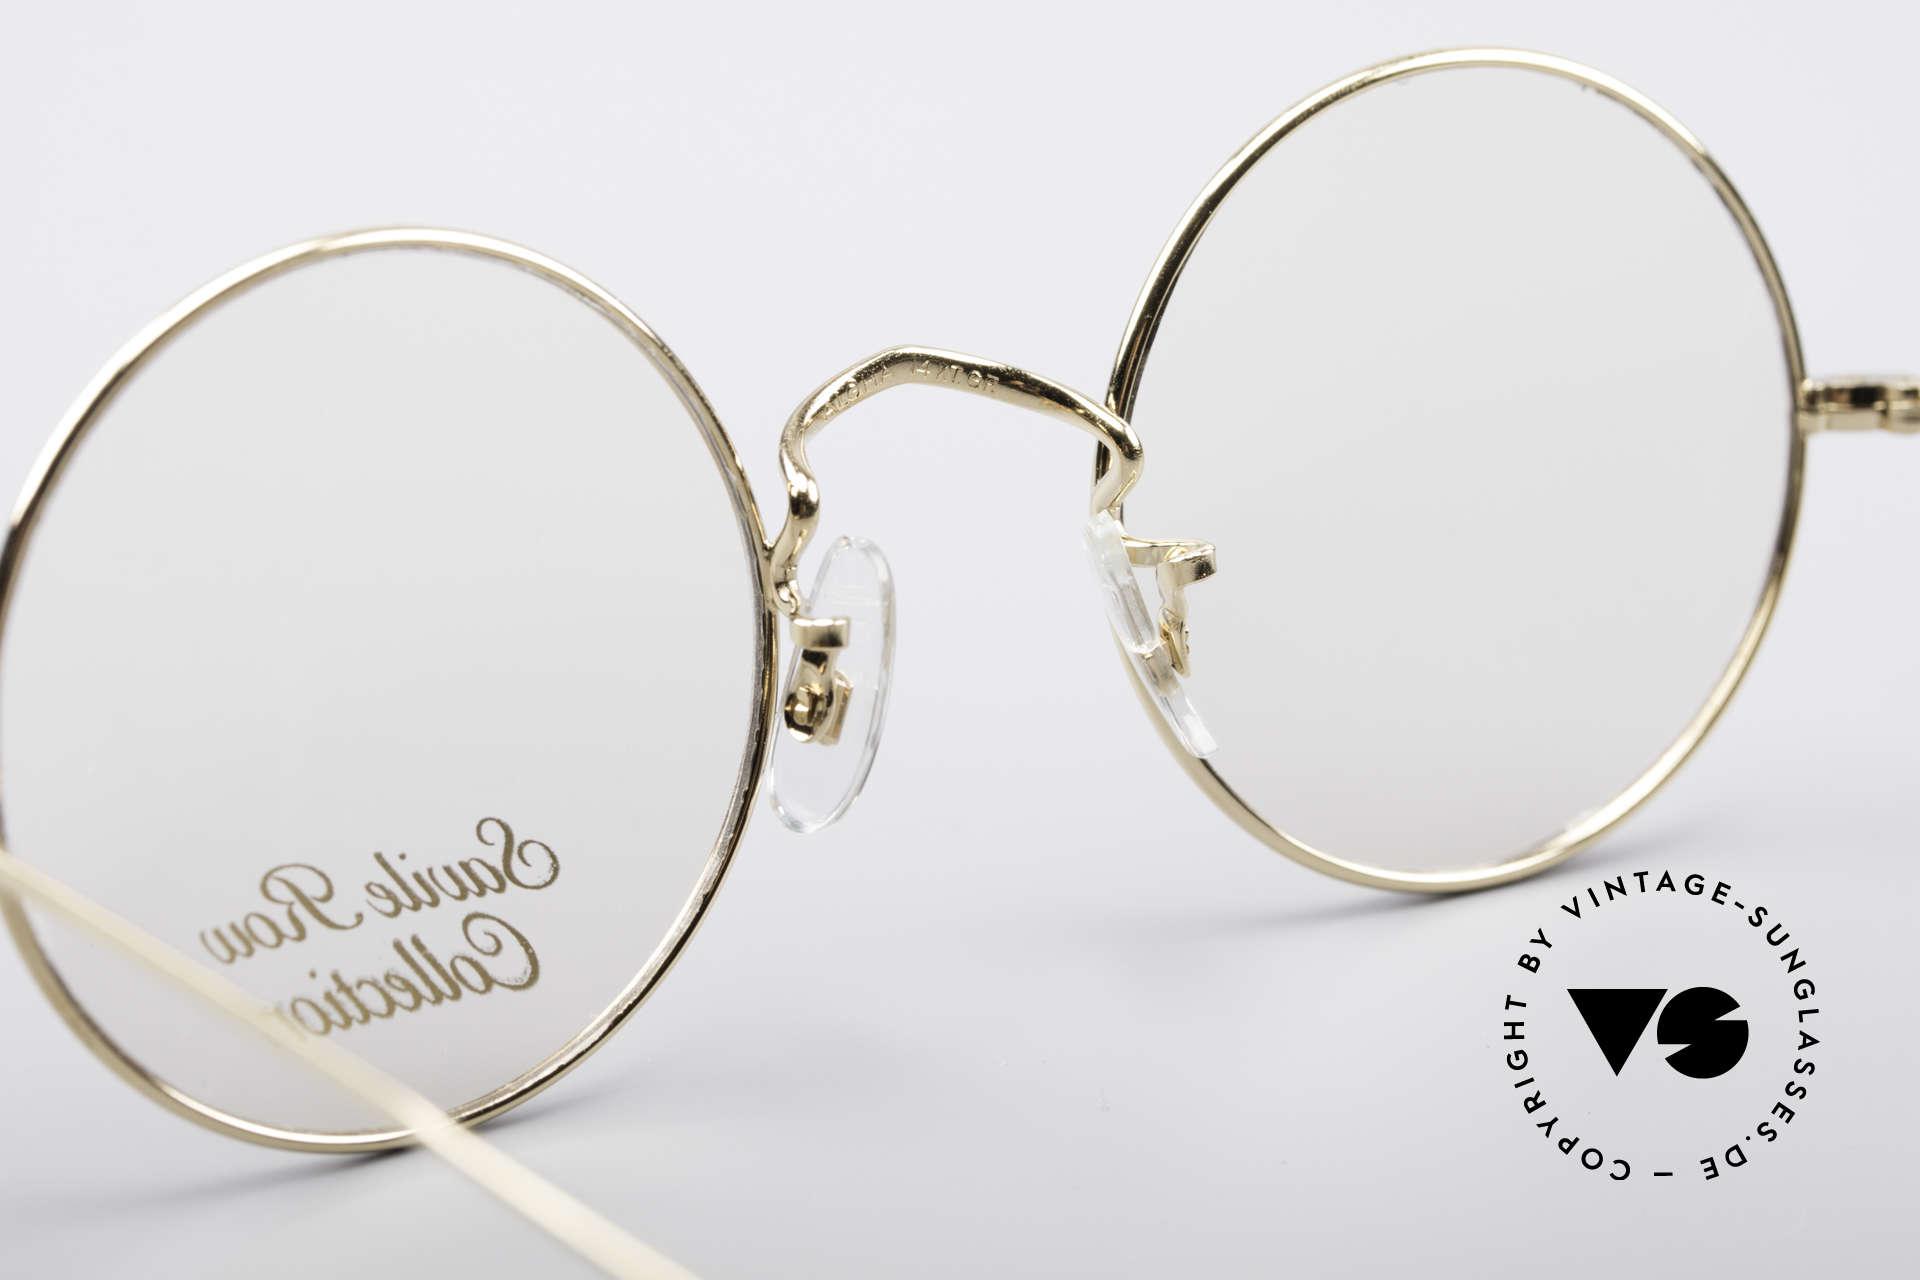 Savile Row Round 44/20 14kt Gold Fassung, Rahmen: 18% Nickel-Silber und 14kt Gold-Überzug, Passend für Herren und Damen